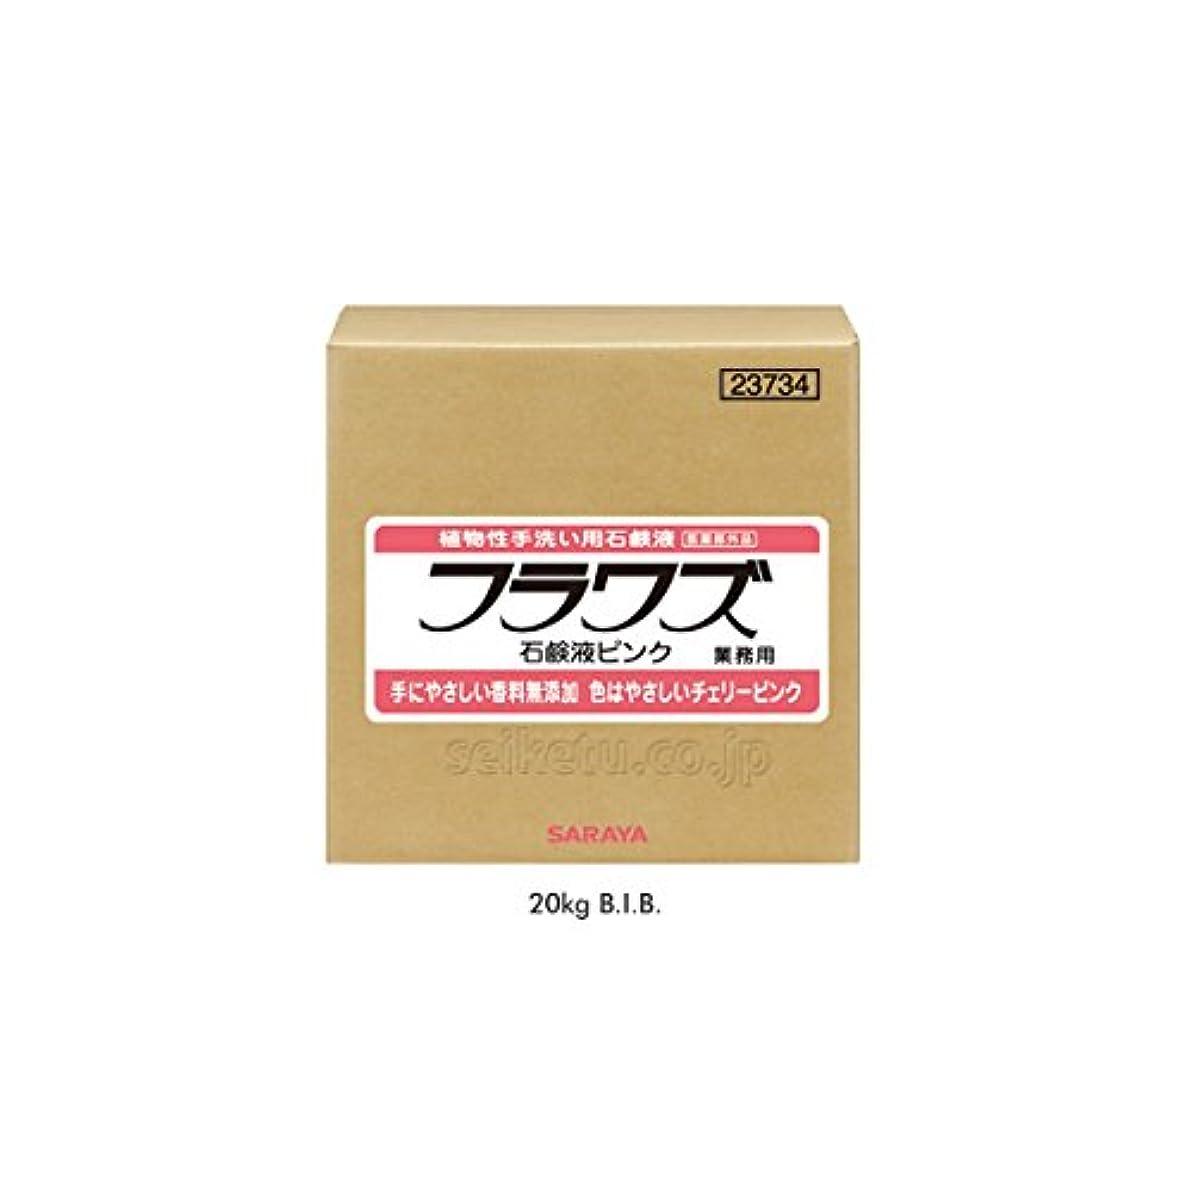 椅子離れて識別する【清潔キレイ館】サラヤ フラワズ石鹸液ピンク(20kg)